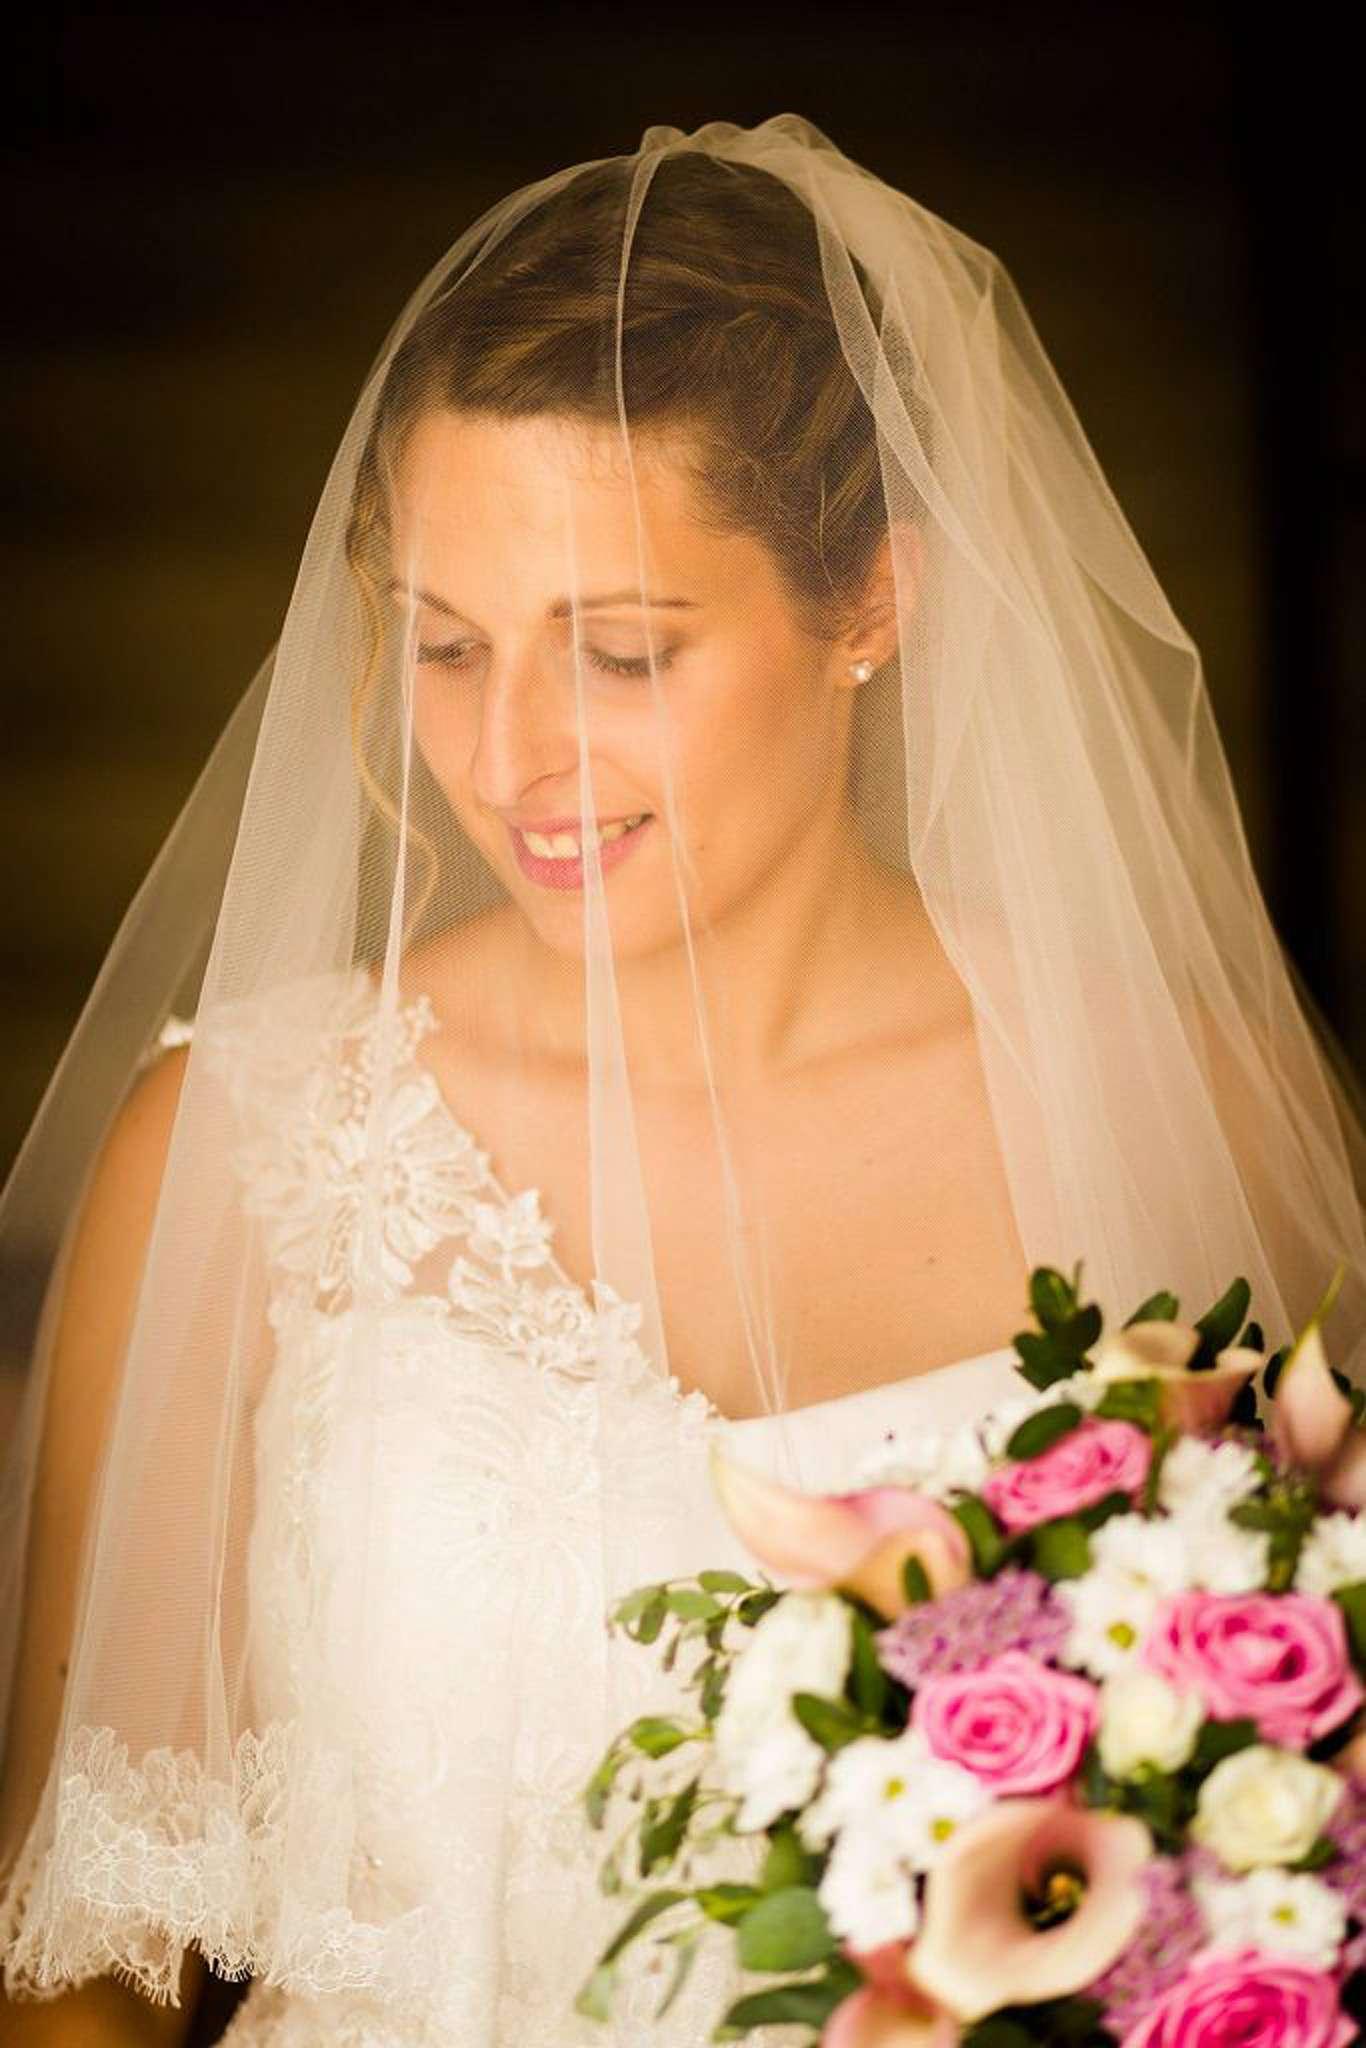 Photographe mariage en Dordogne à Pellegrue.